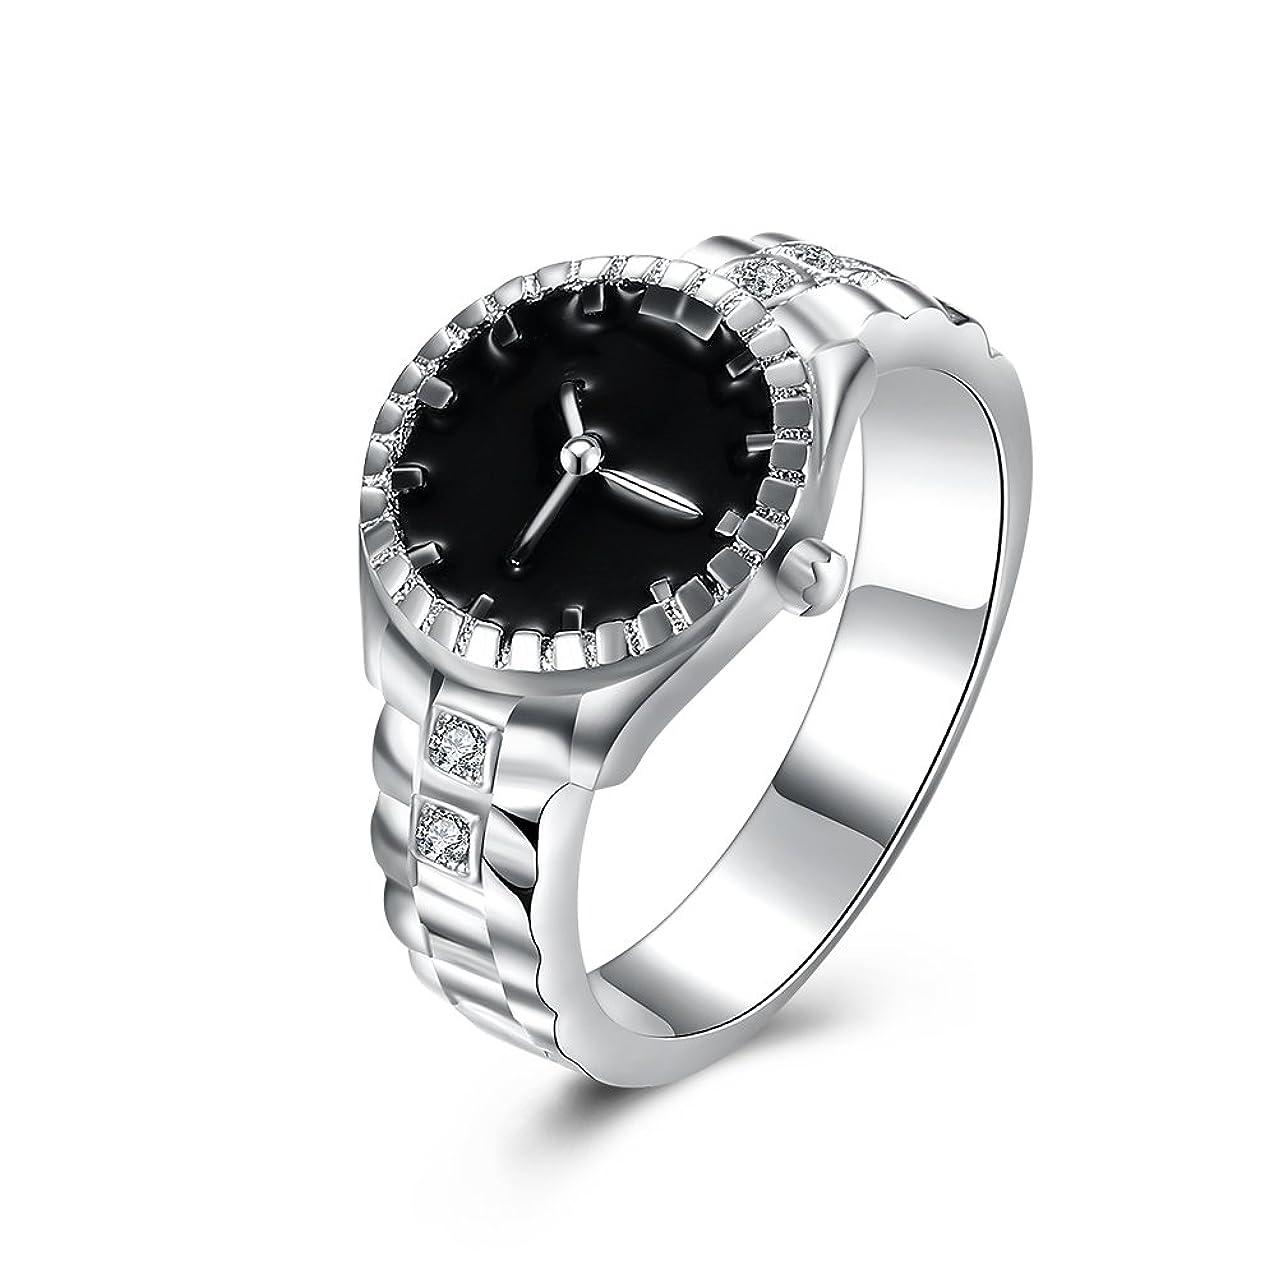 やけど後ろにウォルターカニンガム925スターリングシルバーメッキ時計型ダイヤモンドリングファッションジュエリー周年記念ギフト (マルチカラー)